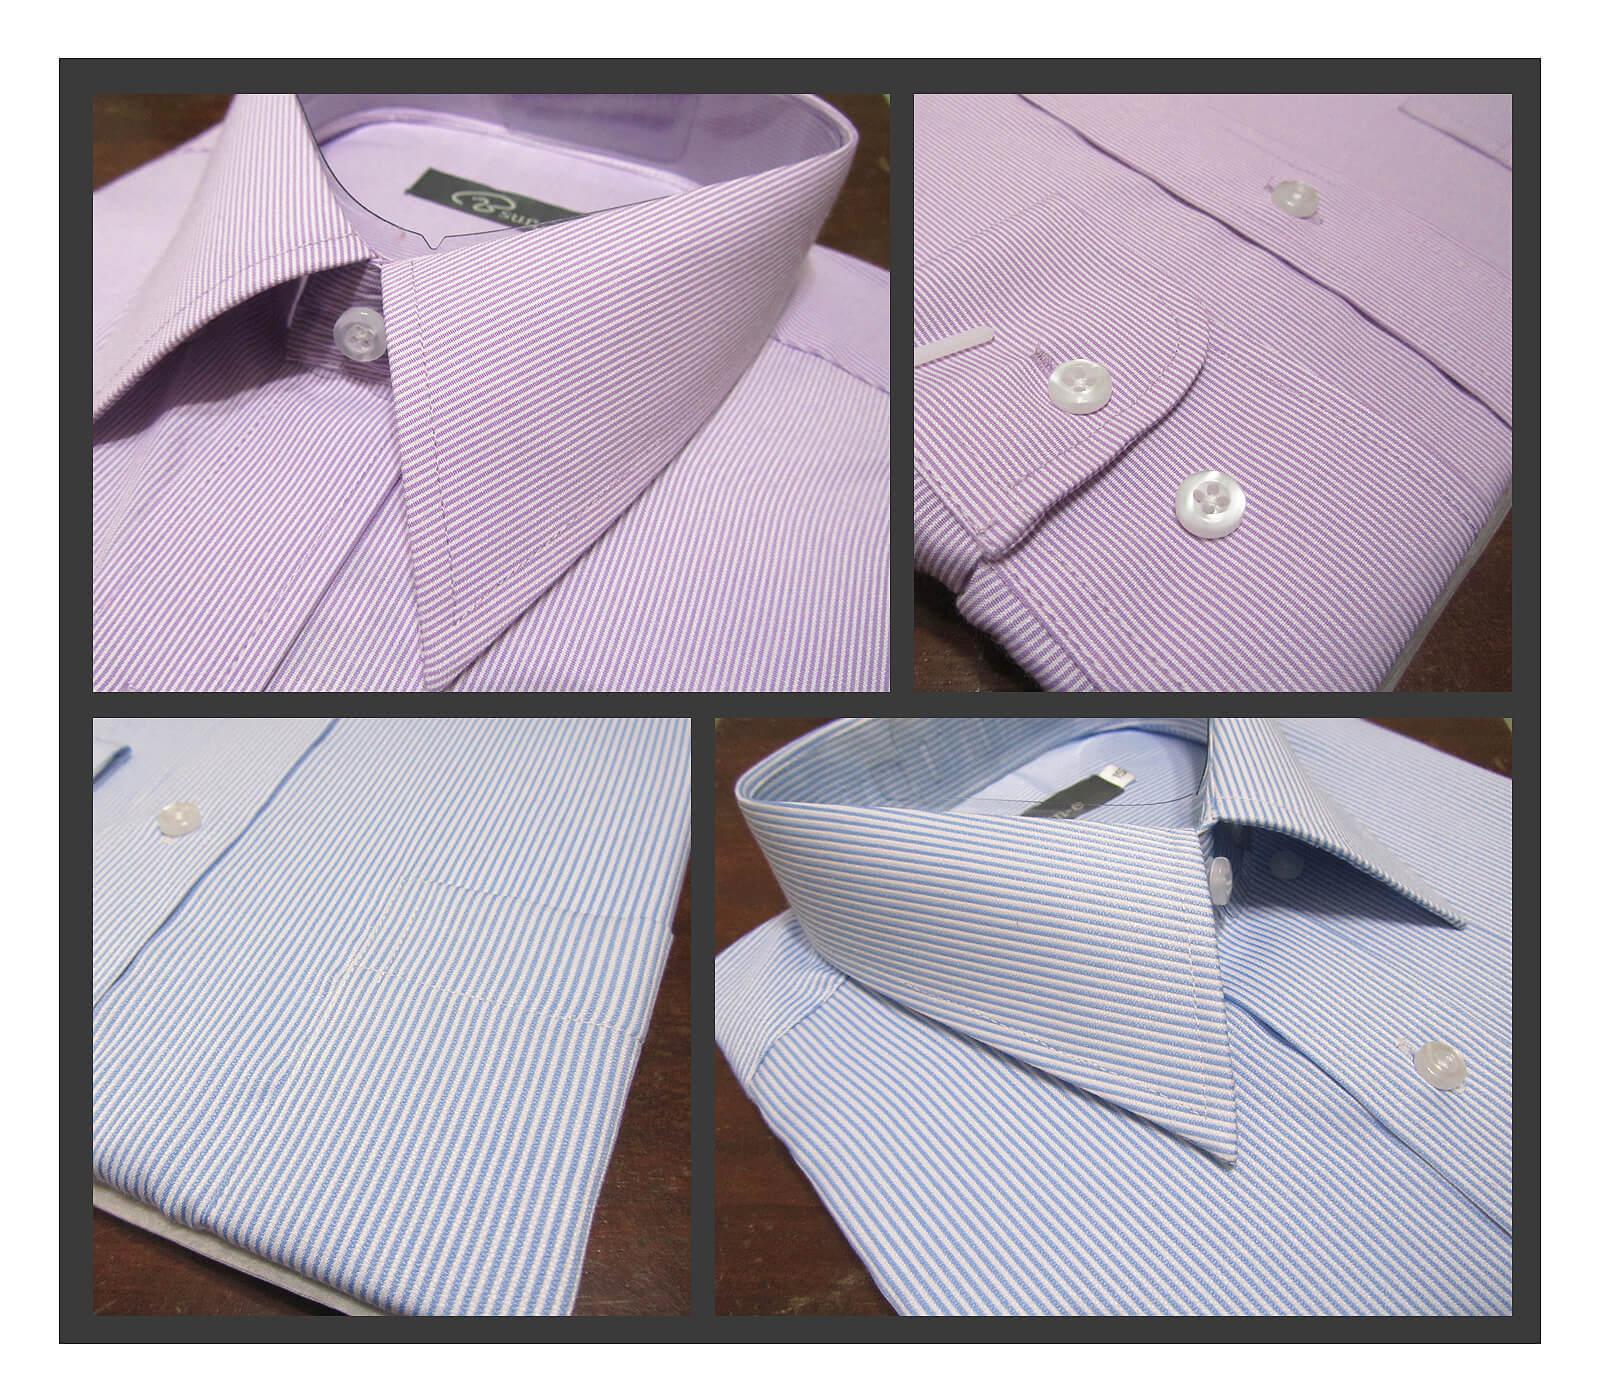 sun-e335特加大尺碼標準襯衫、上班族襯衫、商務襯衫、不皺免燙襯衫、正式場合襯衫、條紋襯衫、素面襯衫(短袖 / 長袖) 多顏色、樣式可供選擇 尺寸:19、20、21、22(英吋) 2